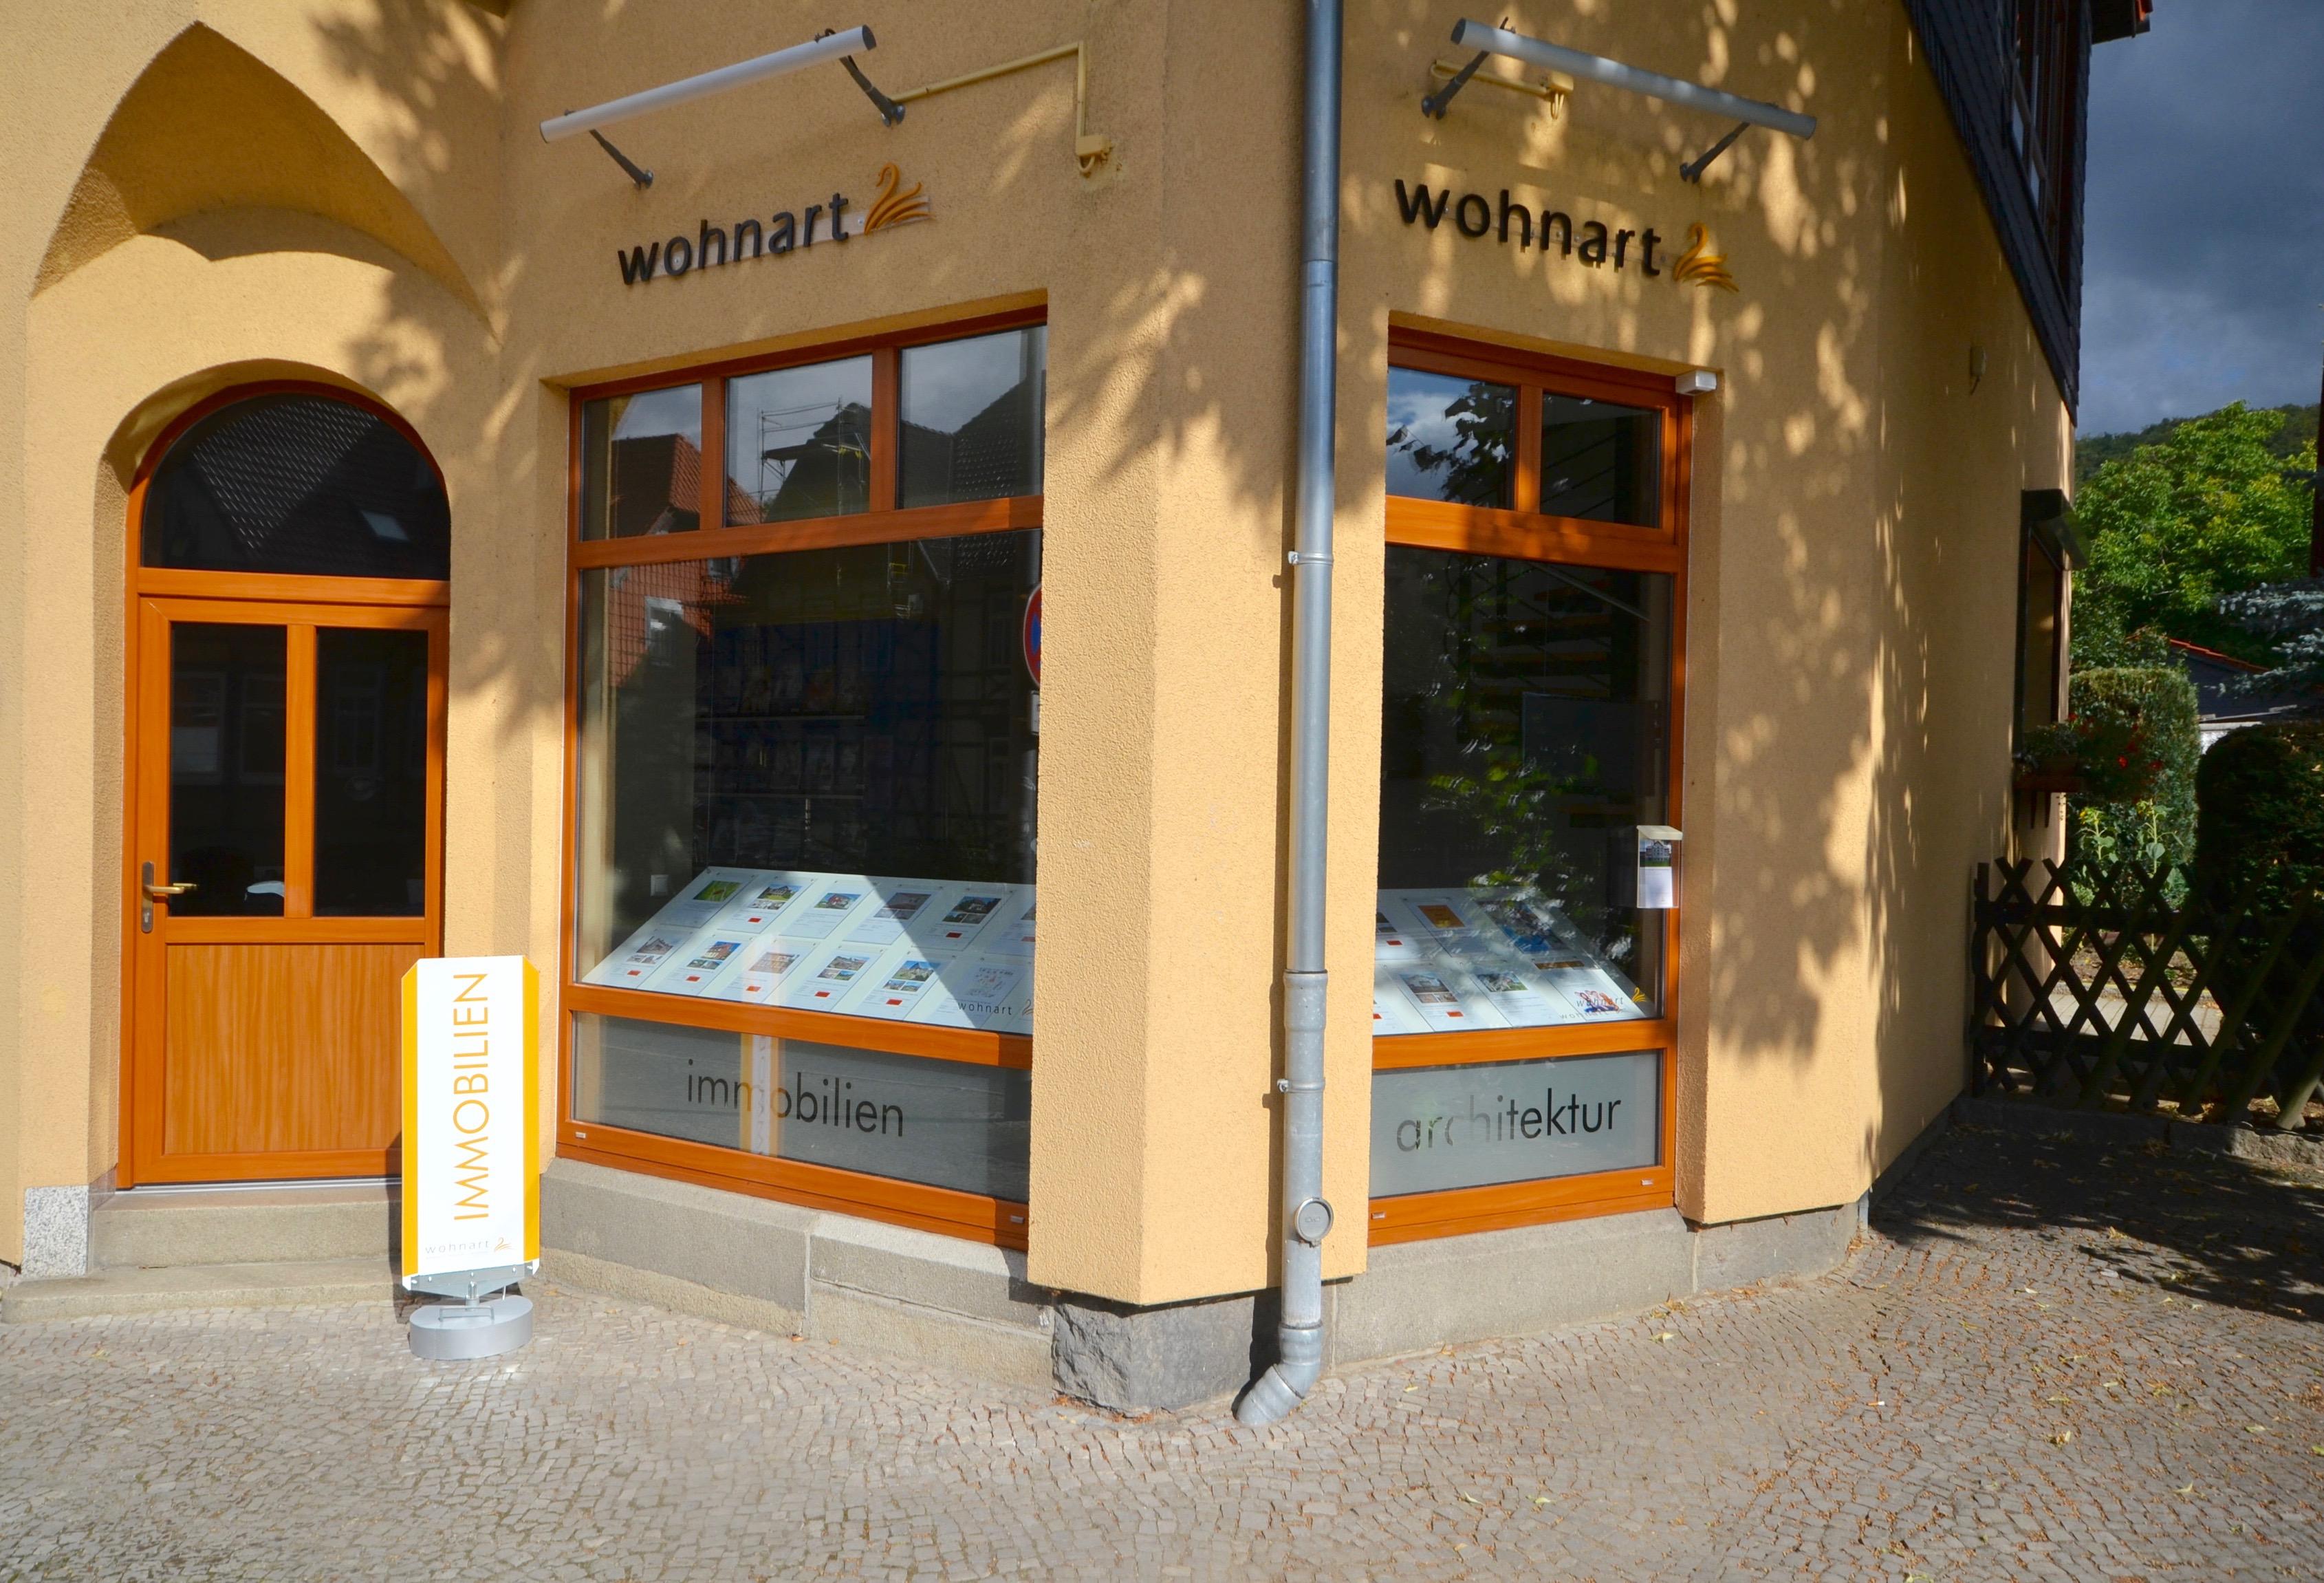 Immobilien Wernigerode wohnart immobilien architektur gutachten wernigerode